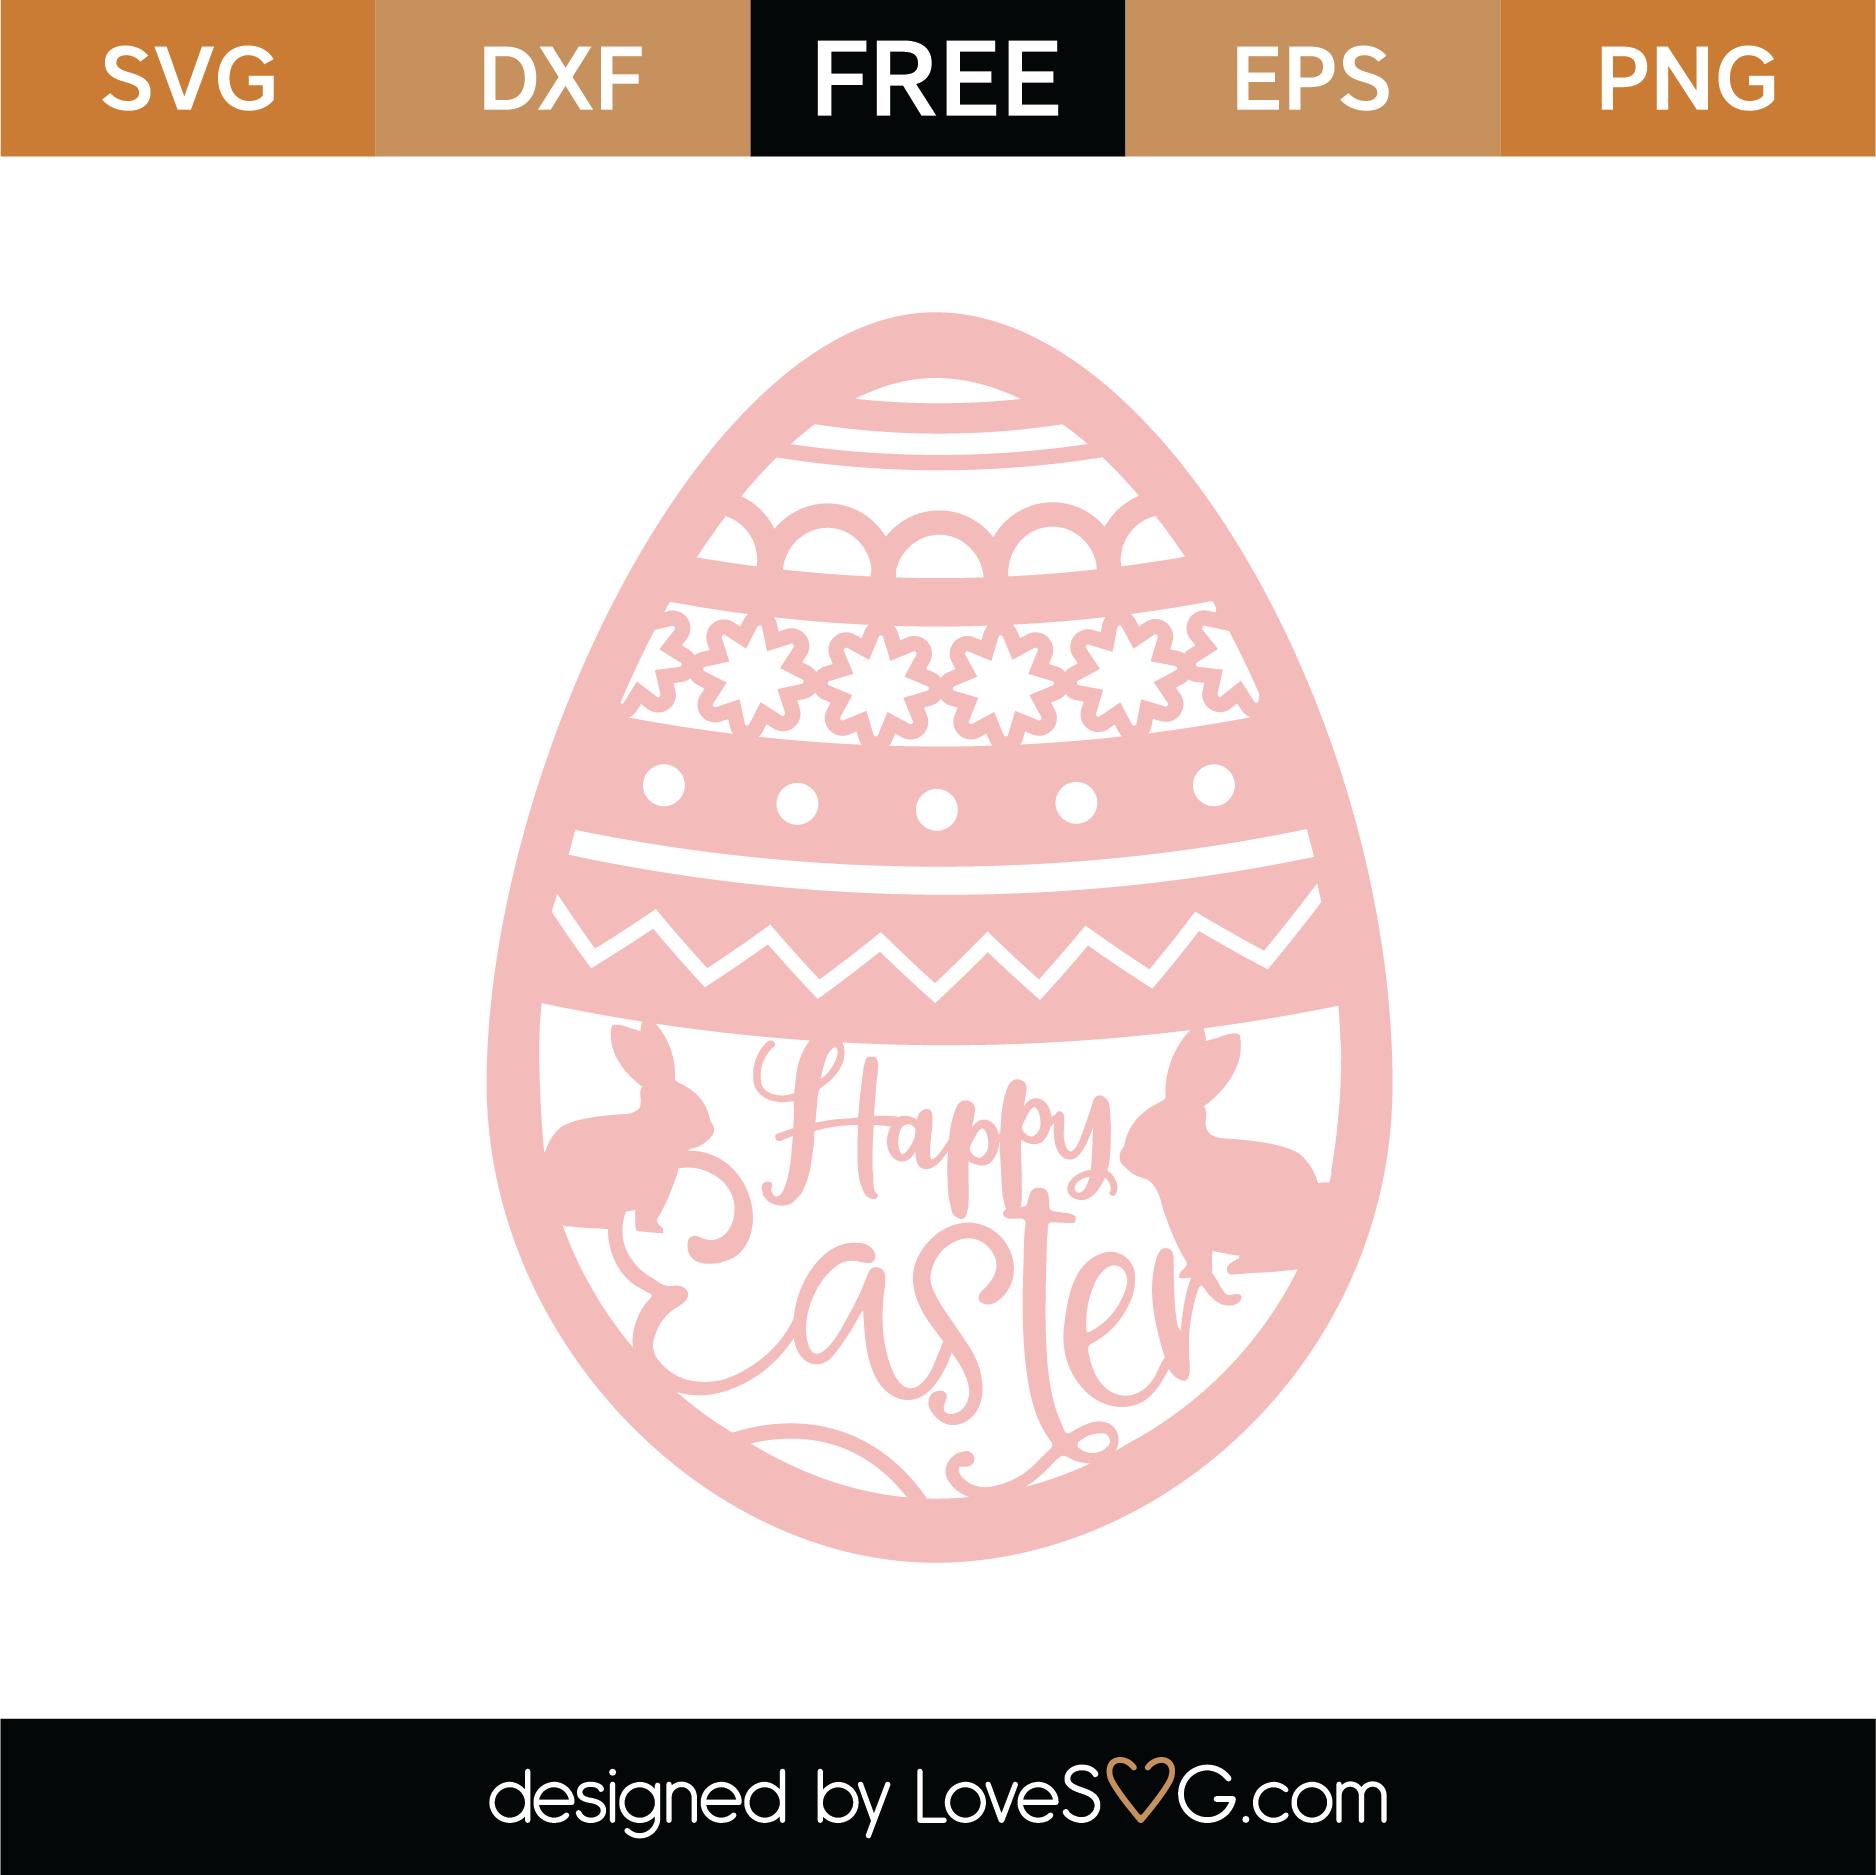 Download Free Happy Easter Egg SVG Cut File | Lovesvg.com